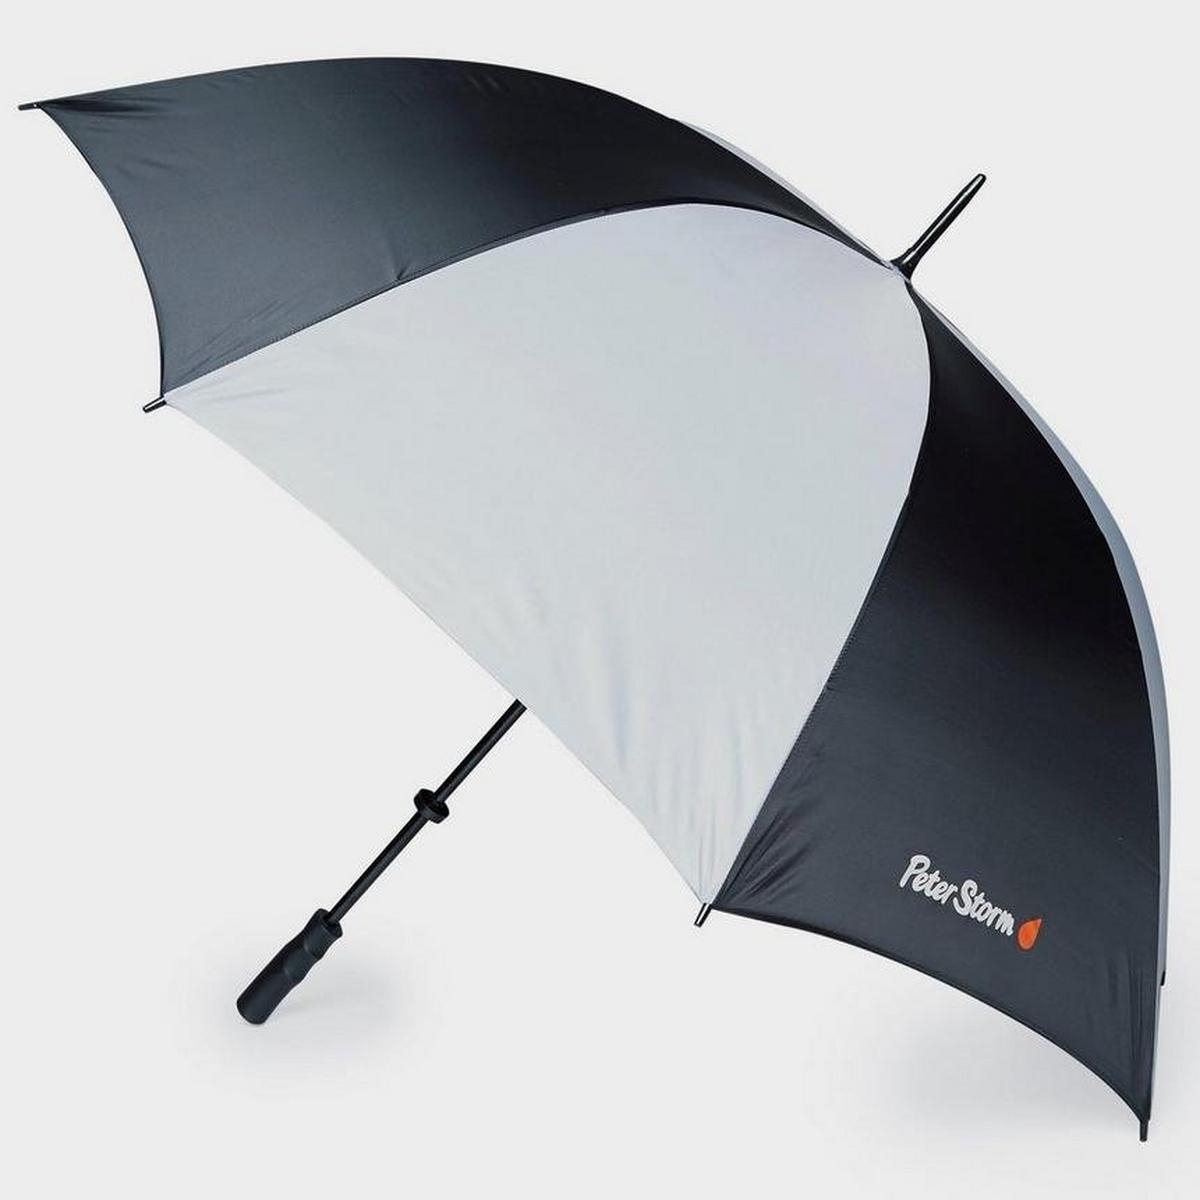 Peter Storm Golf Umbrella - Black/Grey